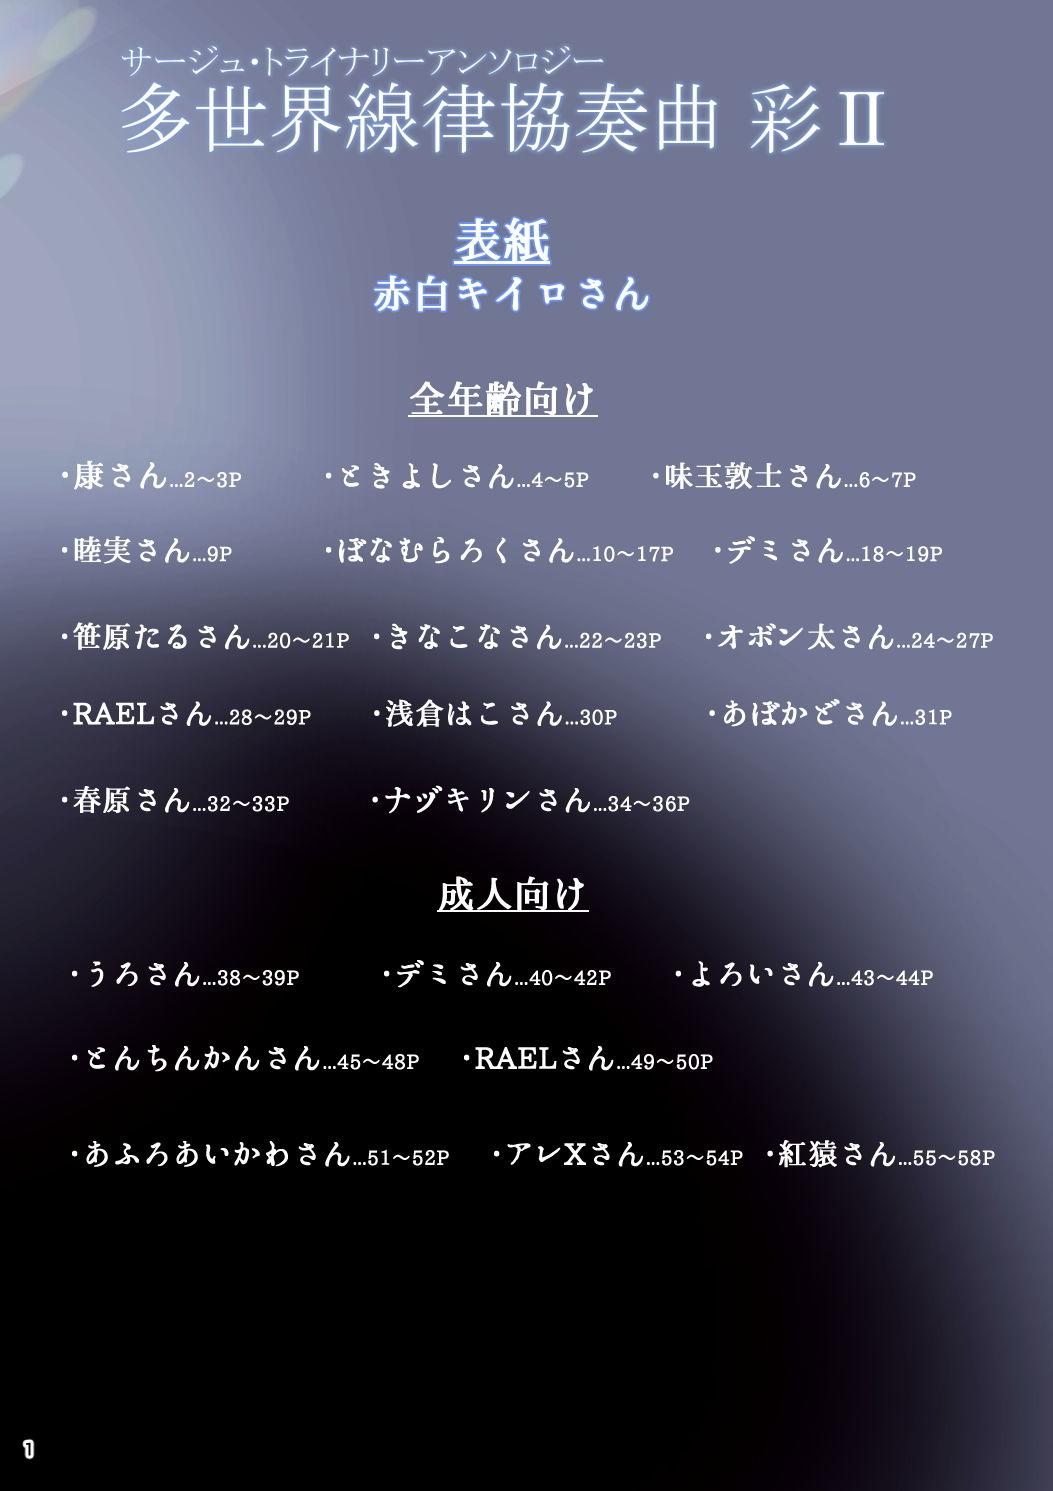 サー〇ュ・トラ〇ナリーアンソロジーアンソロジー 多世界線律協奏曲II